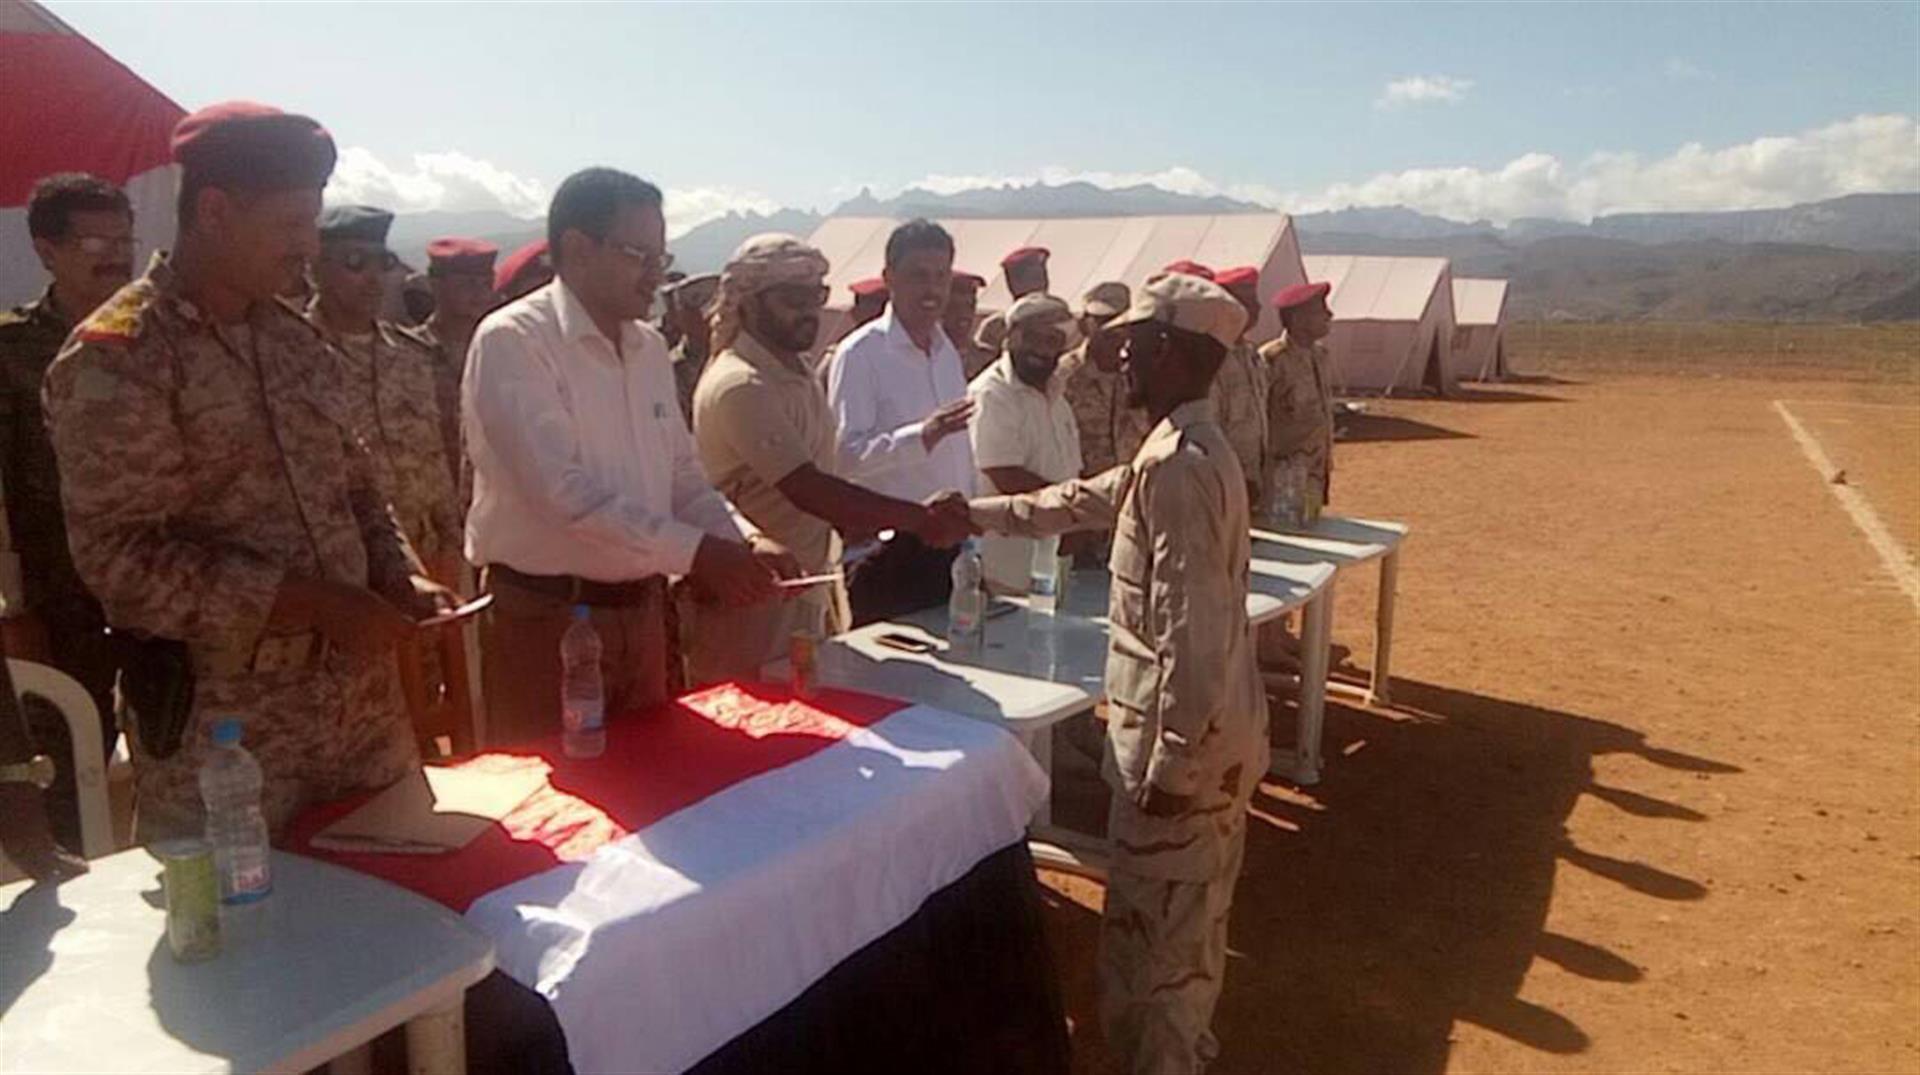 الاحتفال بتخريج دورة عسكرية في جزيرة سوقطرى اليمنية تحت إشراف وتدريب دولة الامارات . 2